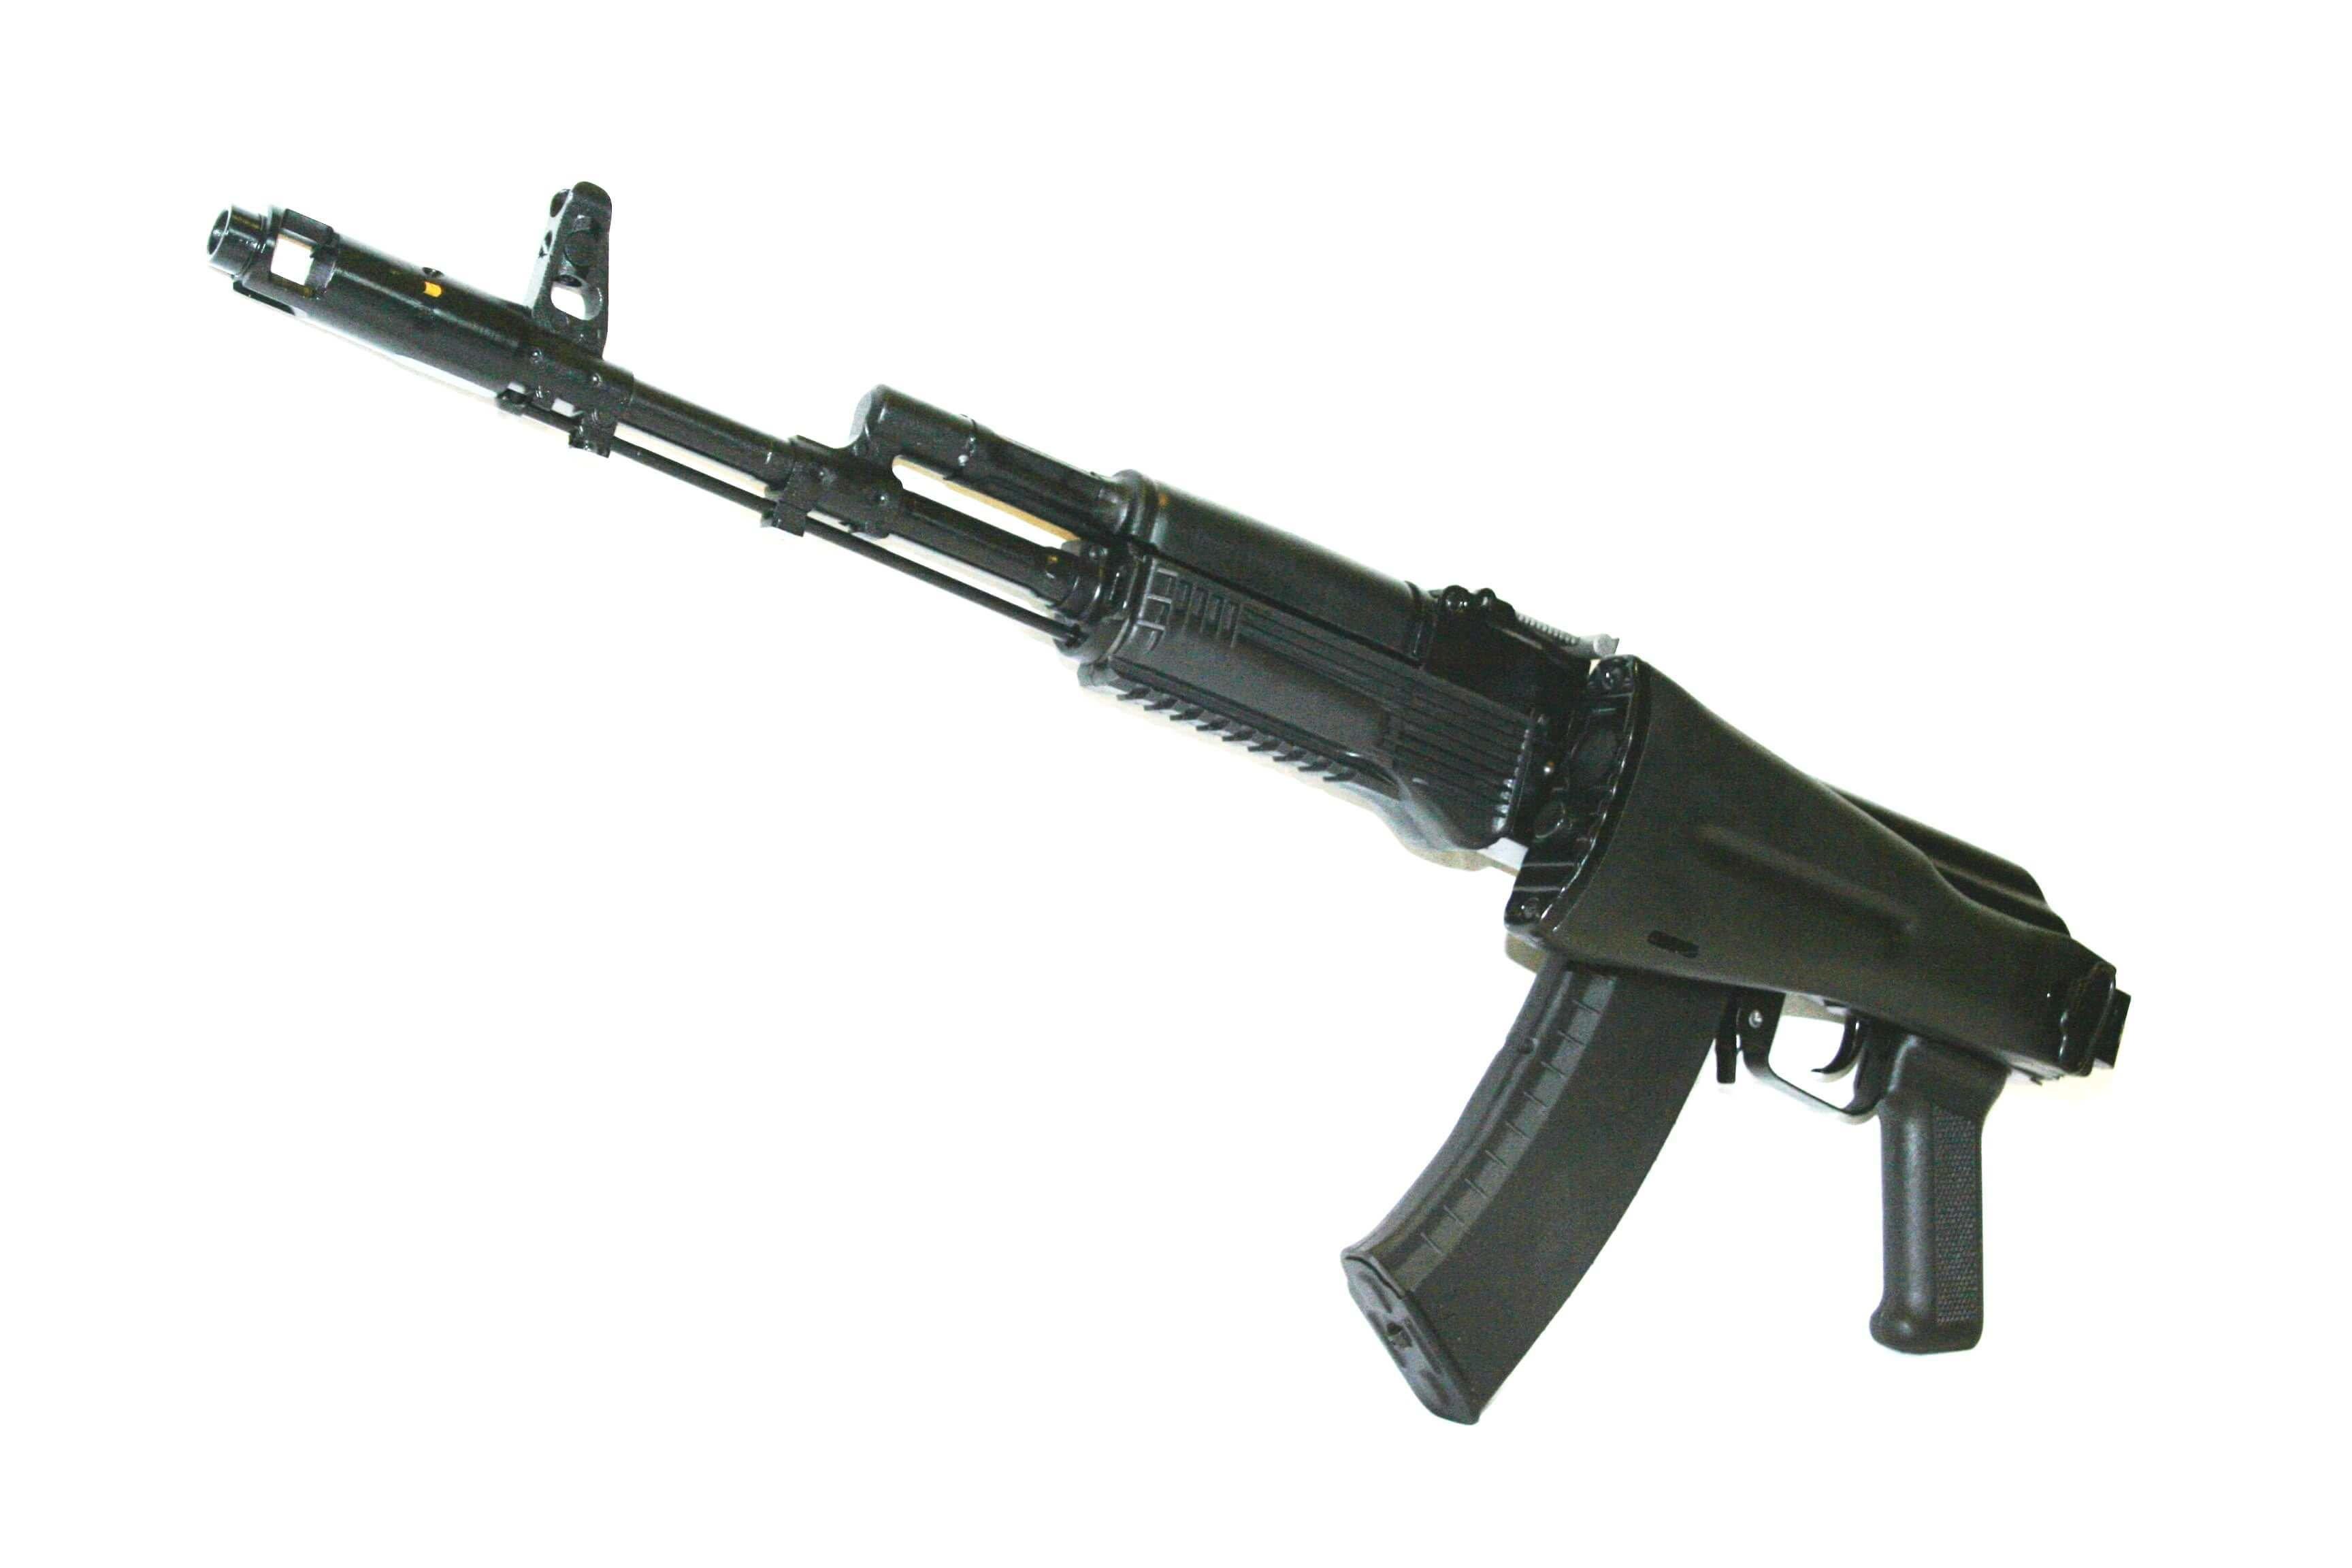 Охолощенный автомат Калашникова ОС-АК74М (5,45х39 ИЖ-161 КОМ)